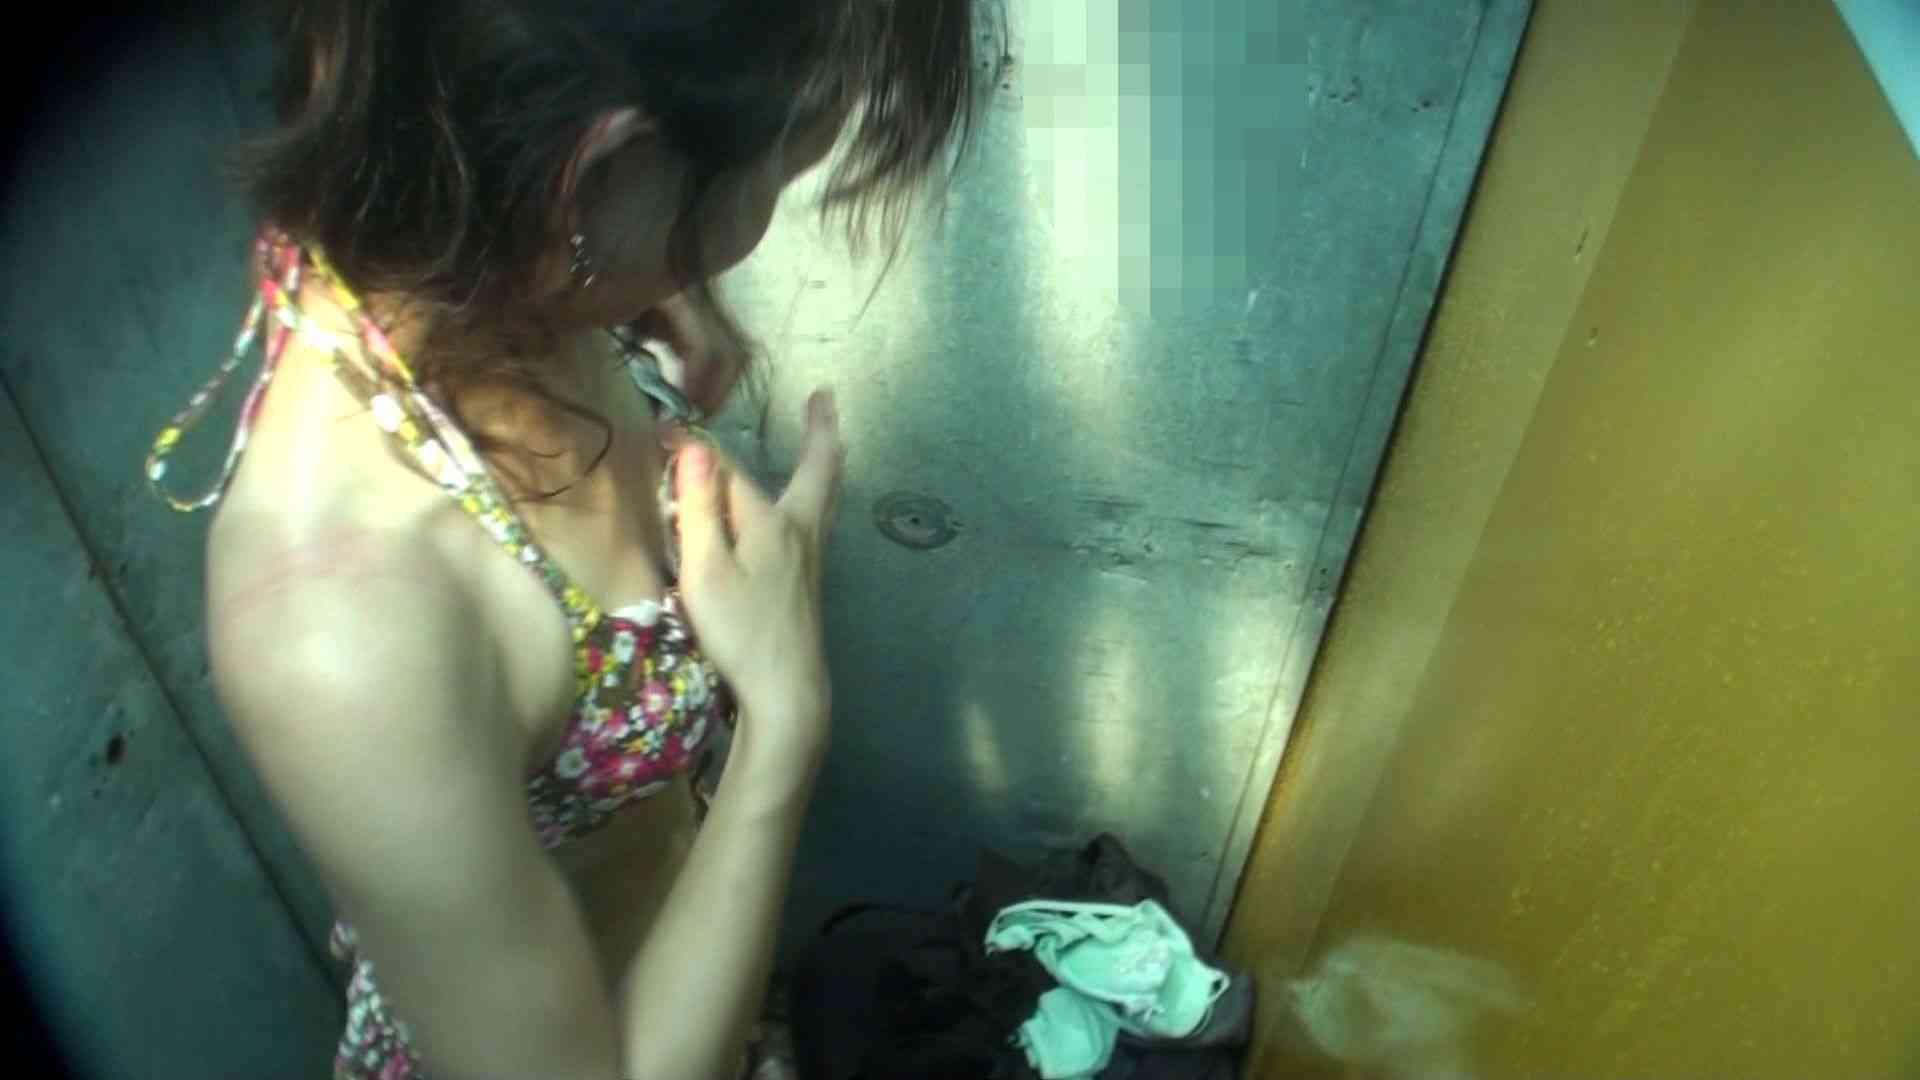 シャワールームは超!!危険な香りVol.16 意外に乳首は年増のそれ OL女体 おめこ無修正動画無料 44連発 22